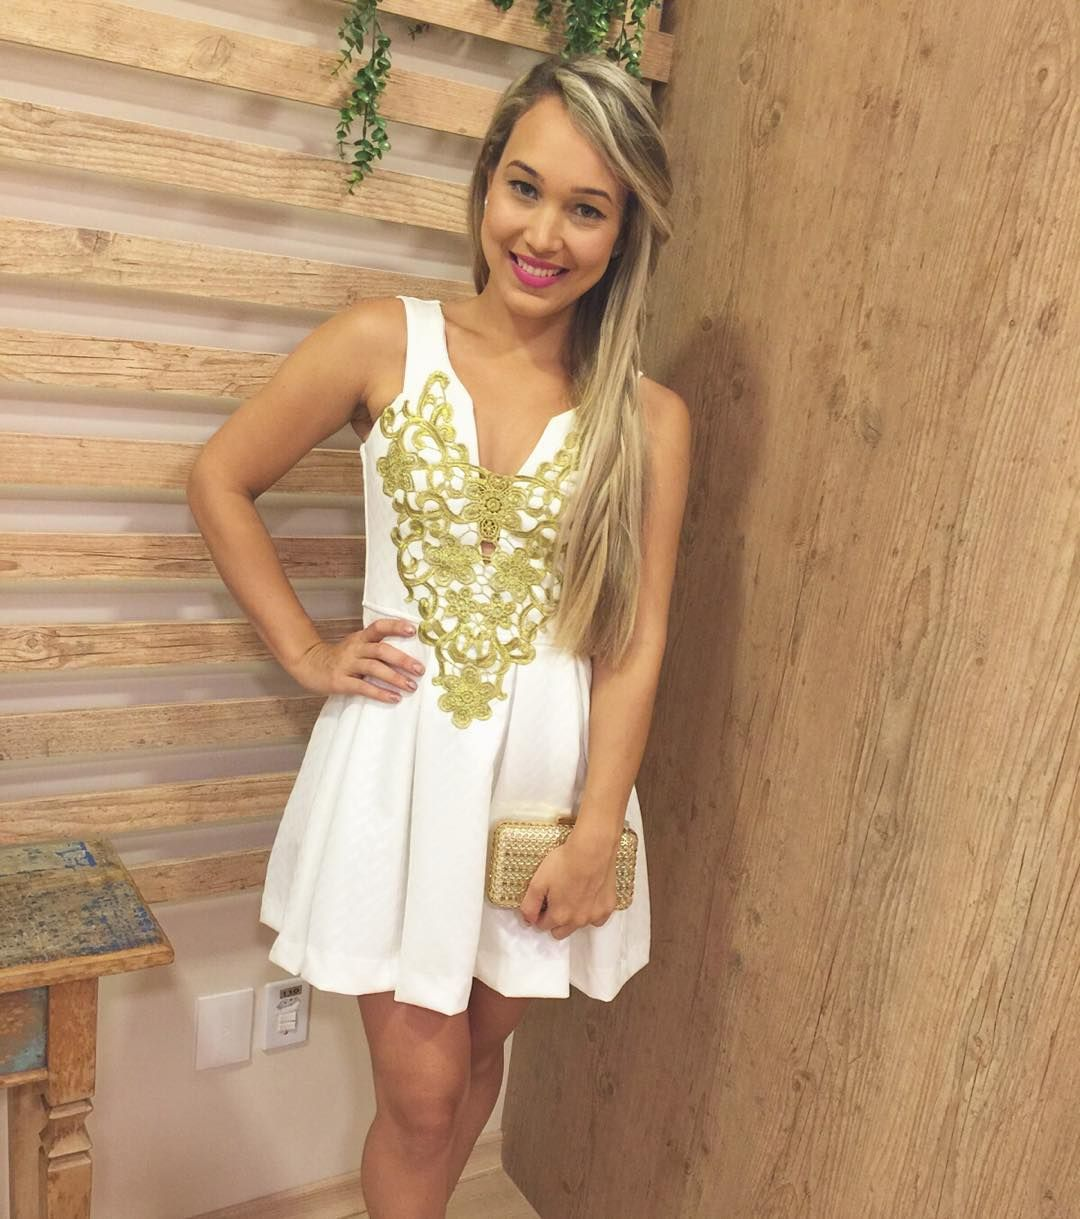 É muito riica de simpatia e beleza nossa modelinho! E que #dress mais princess! Estamos encantadas!!! Nas cores preto e branco! #like4like #ootd #fashion #paz #summer16 #summertime #summerfashion #amolatoya #dujour #moda #instastyle #instafashion #love #lookdodia #dress #vix #presenteie Whats: 27996872027/988250144 Entregamos para todo Brasil! Parcelamos no cartão acima de R$100,00